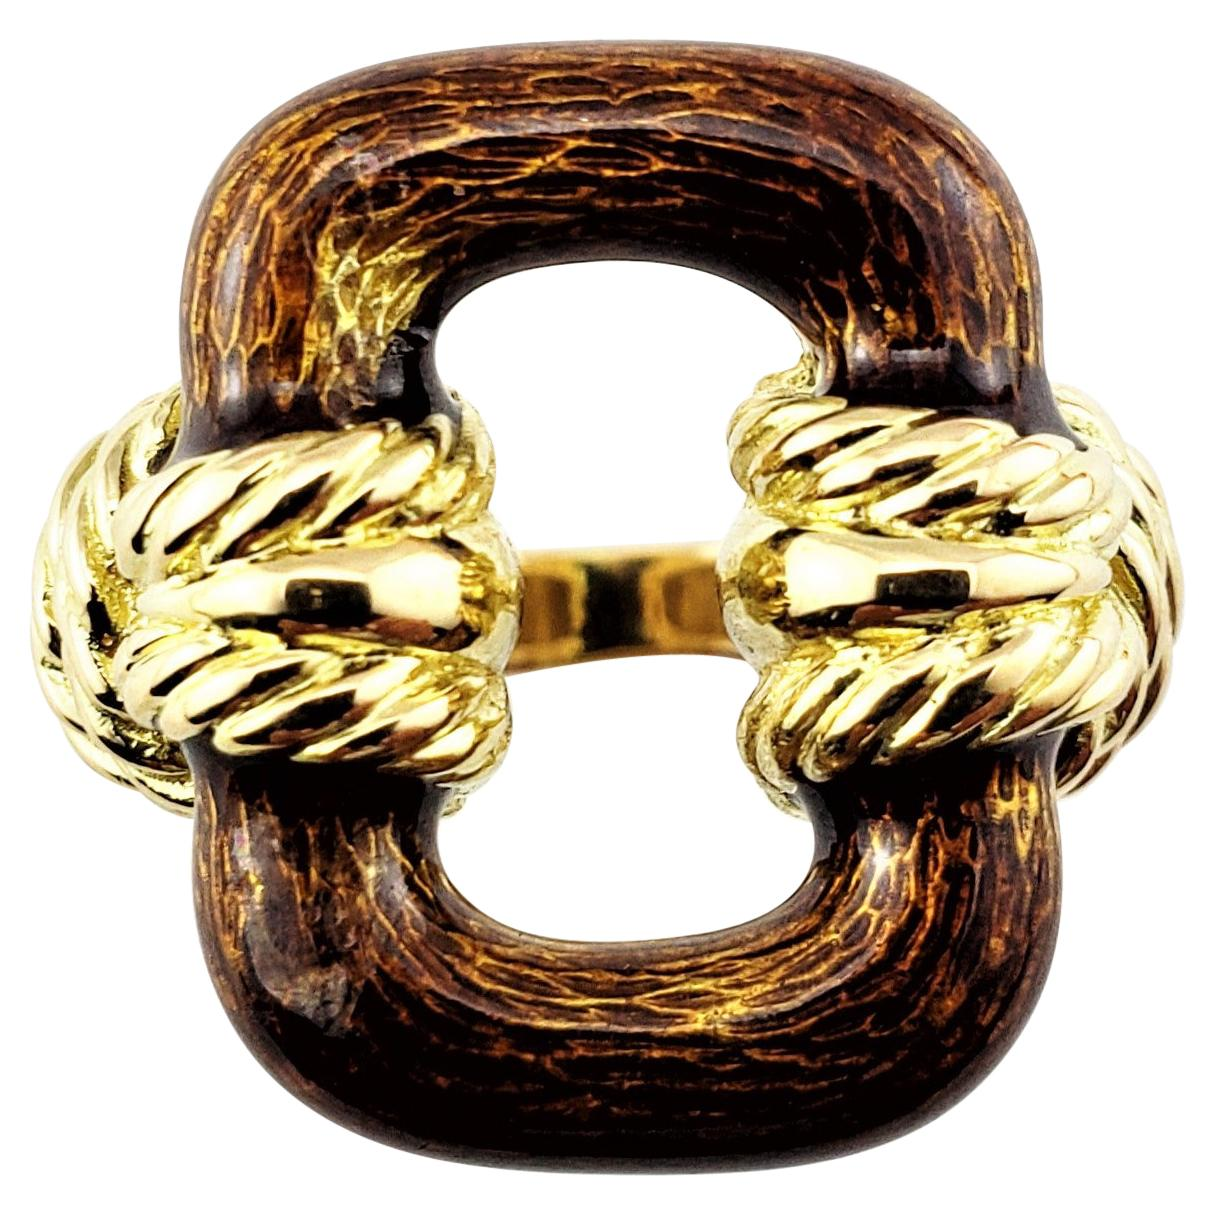 18 Karat Yellow Gold and Enamel Ring